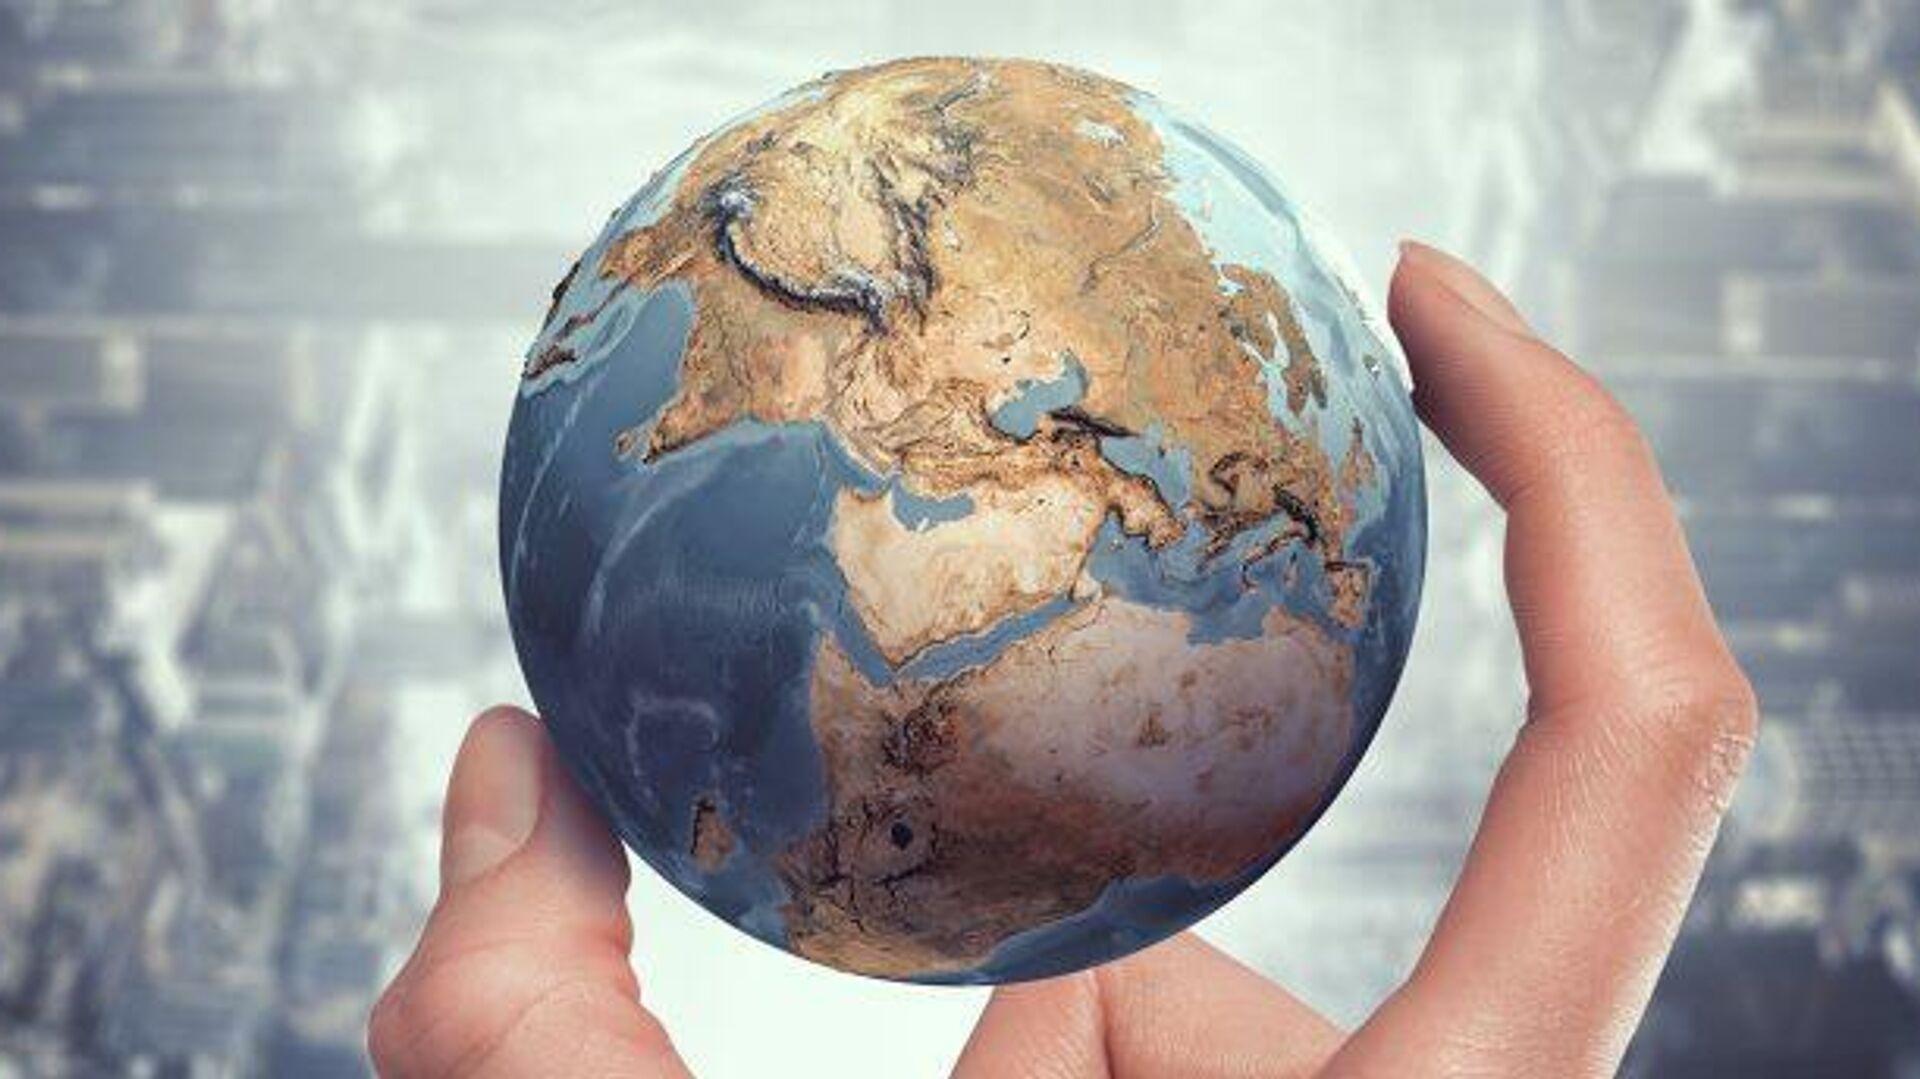 Uruguay: educación virtual obligatoria mientras la pandemia acecha - Sputnik Mundo, 1920, 05.04.2021